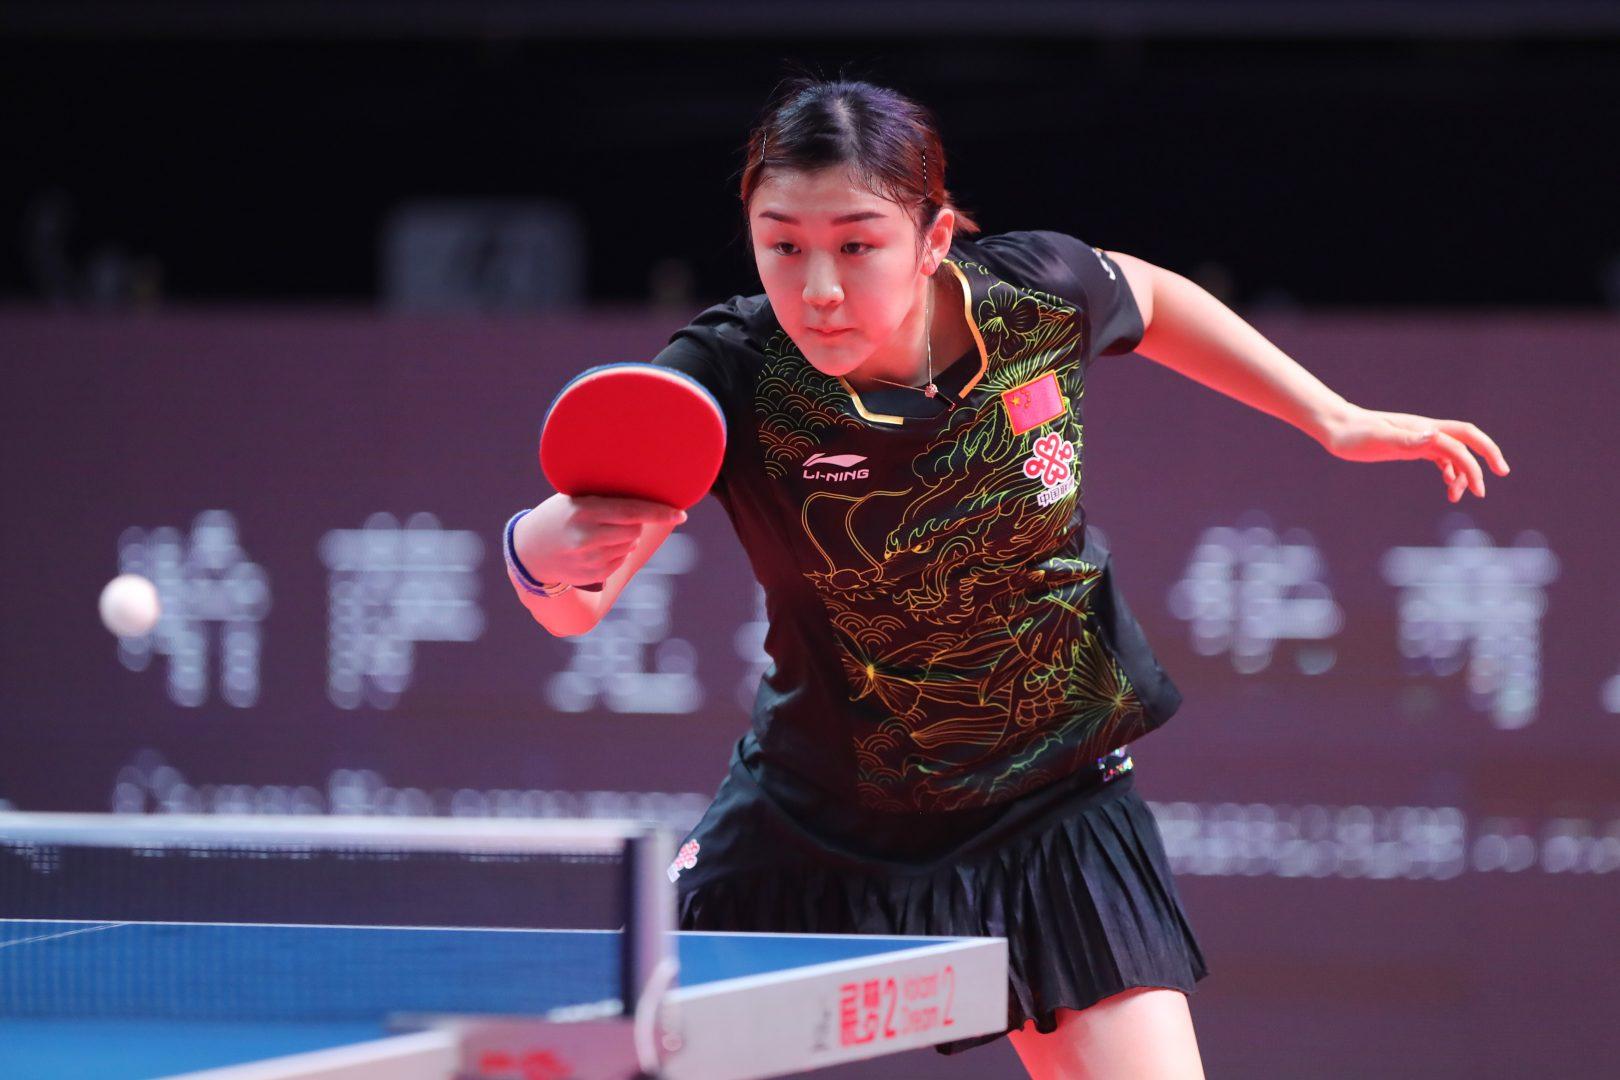 陳夢が朱雨玲に圧巻のストレート勝ちで優勝【ITTFワールドツアーグランドファイナル】(女子シングルスの結果)